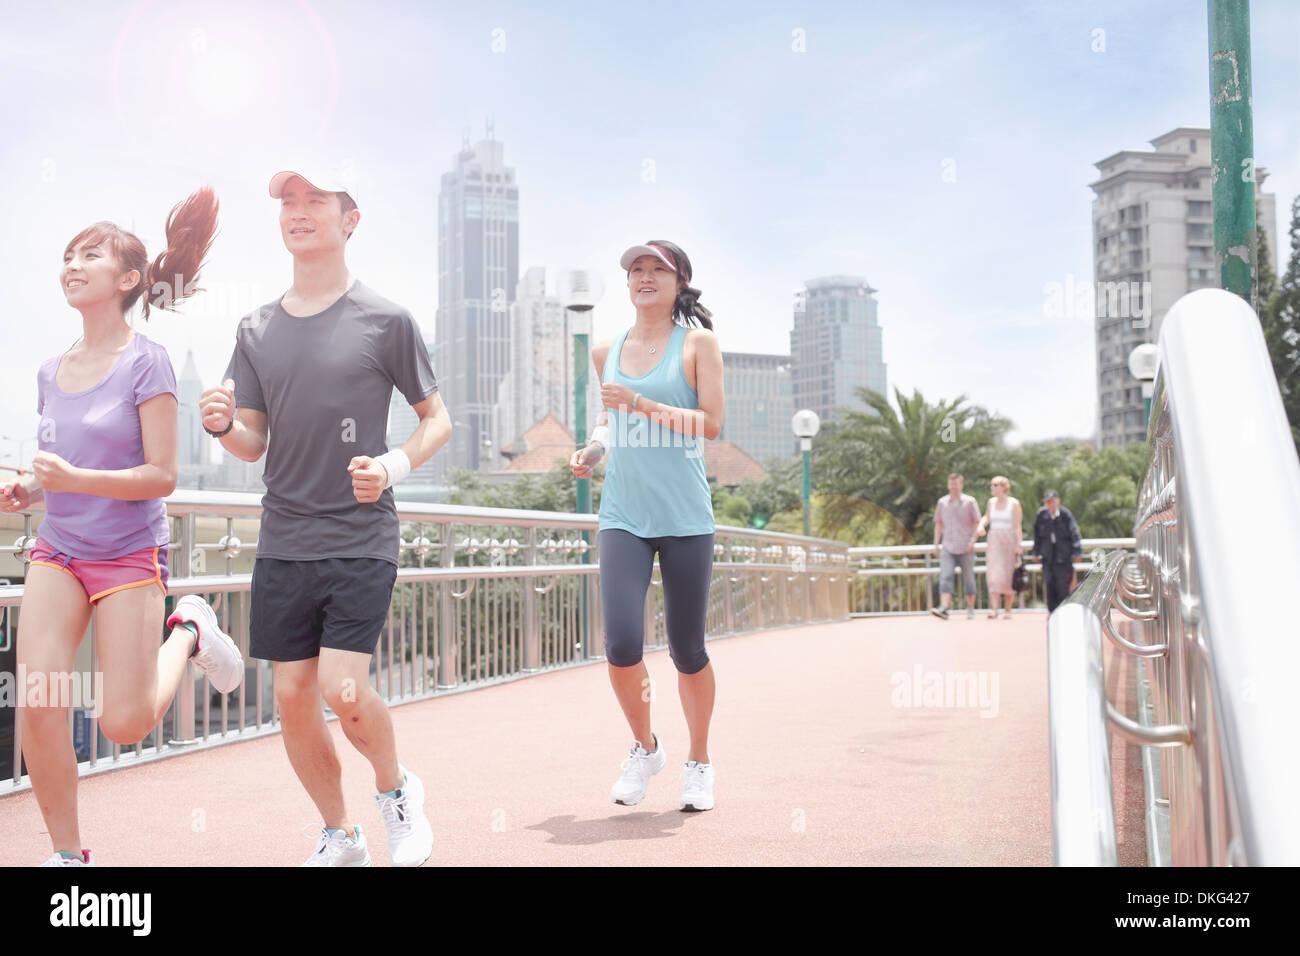 Runners in Shanghai, China - Stock Image